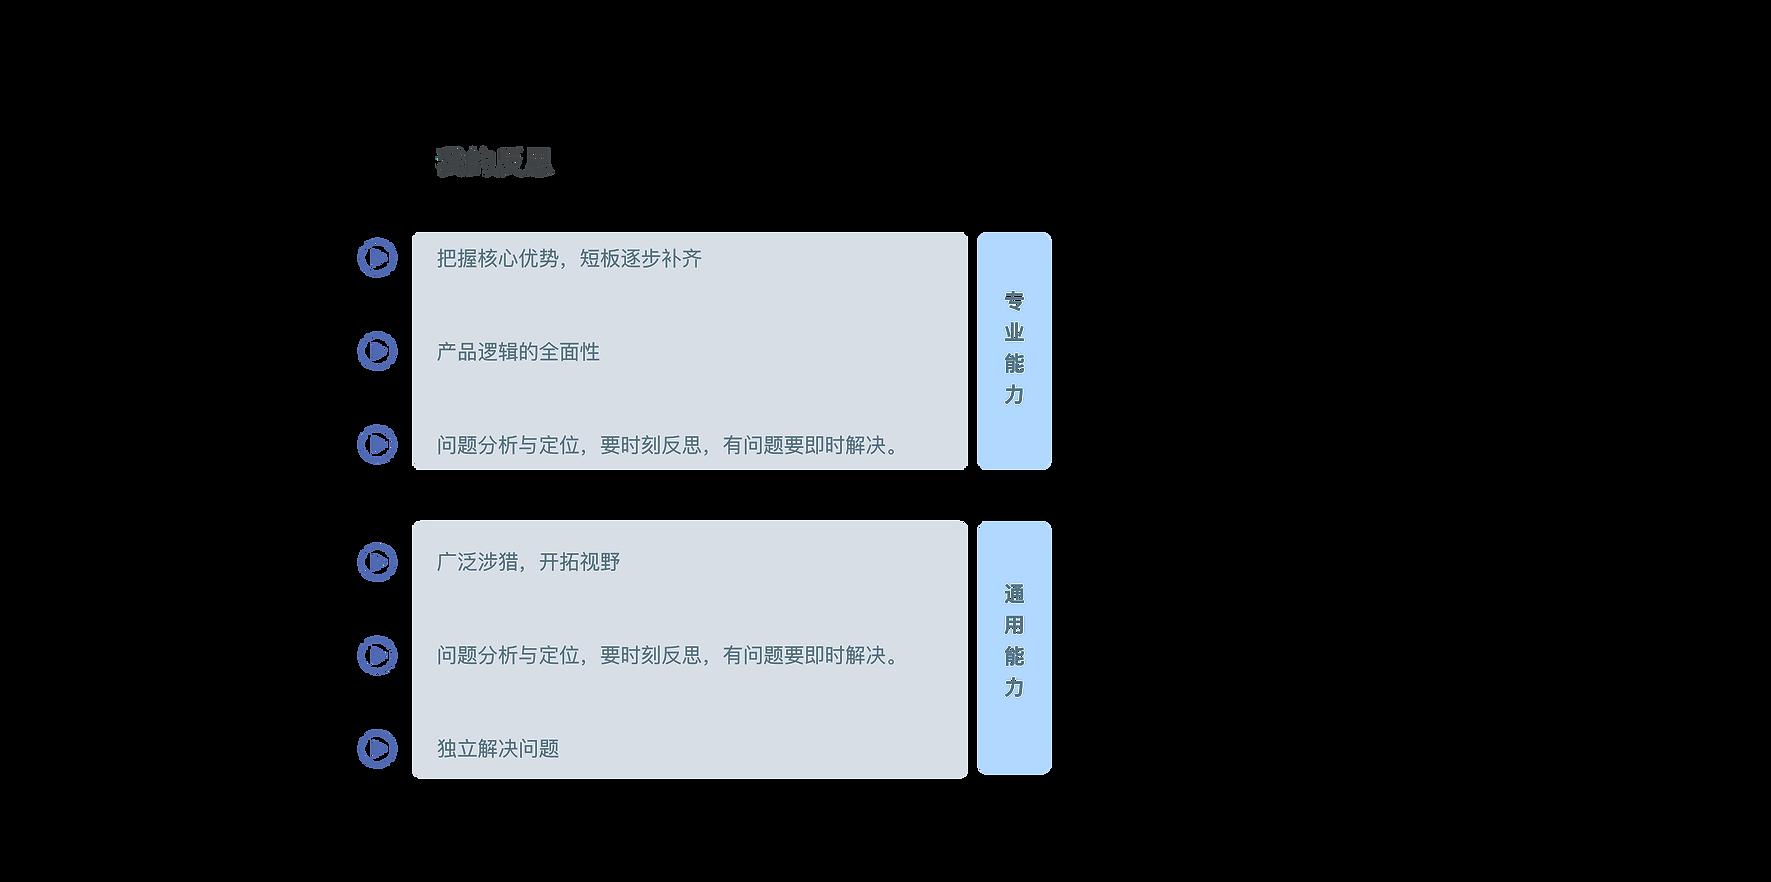 多媒体9 copy.png